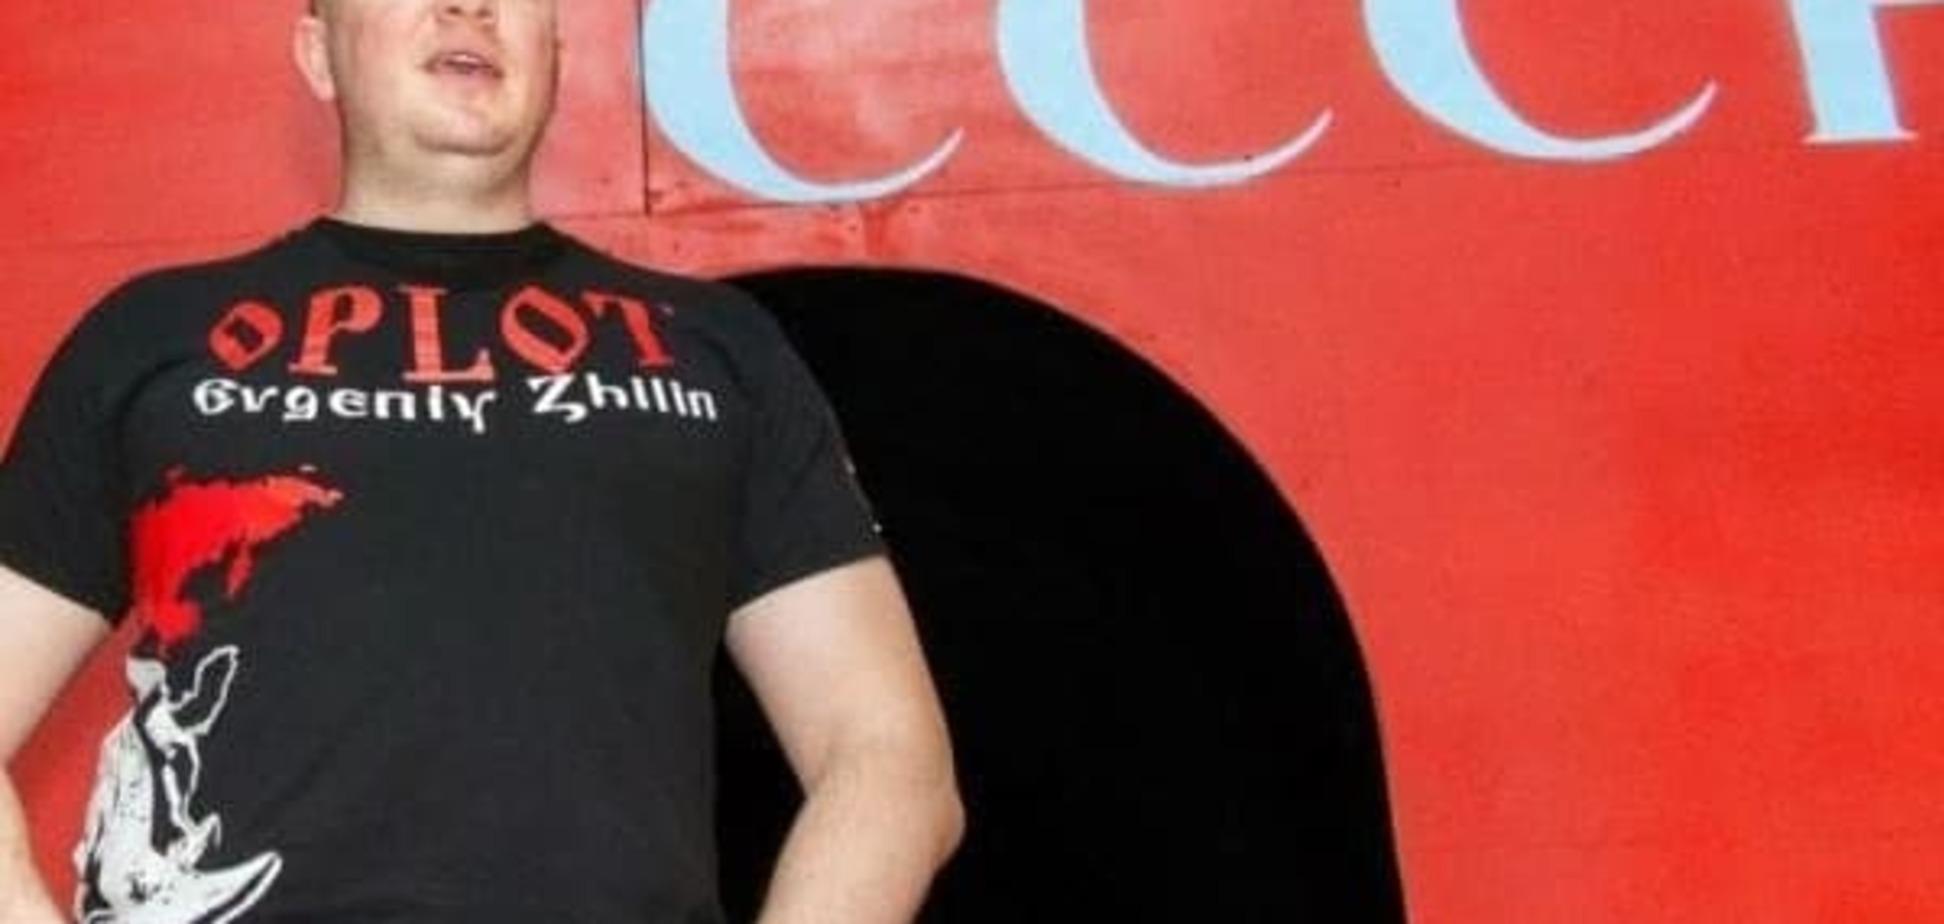 Вбивство Жиліна: слідство взялося за екс-радника Азарова